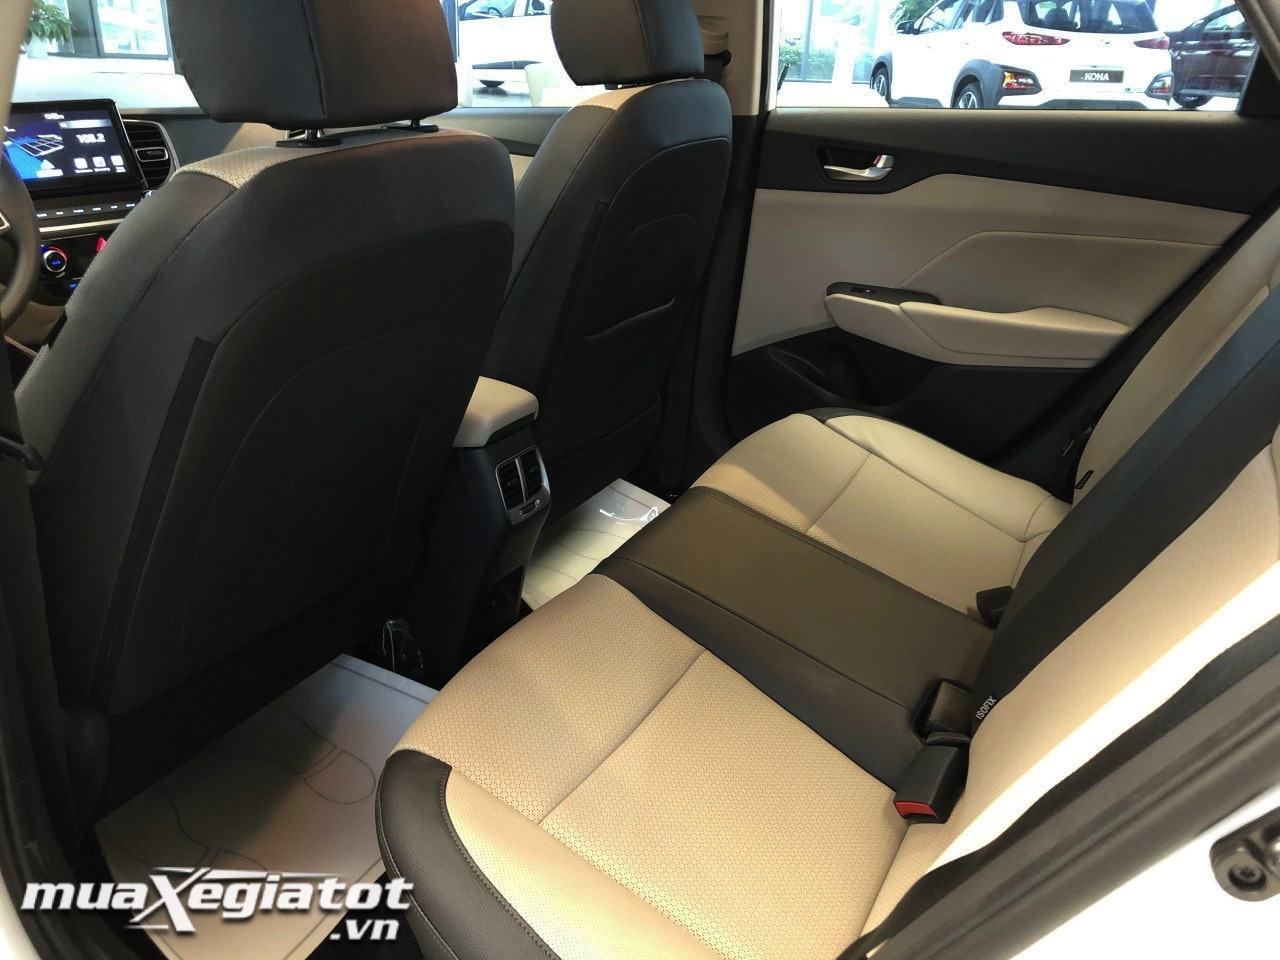 Toyotalongphuoc vn hyundai accent 2021 ve dai ly 5 - Toyota Vios GR-S và Hyundai Accent bản đặc biệt: Chênh lệch gần 100 triệu đồng cùng trải nghiệm có được